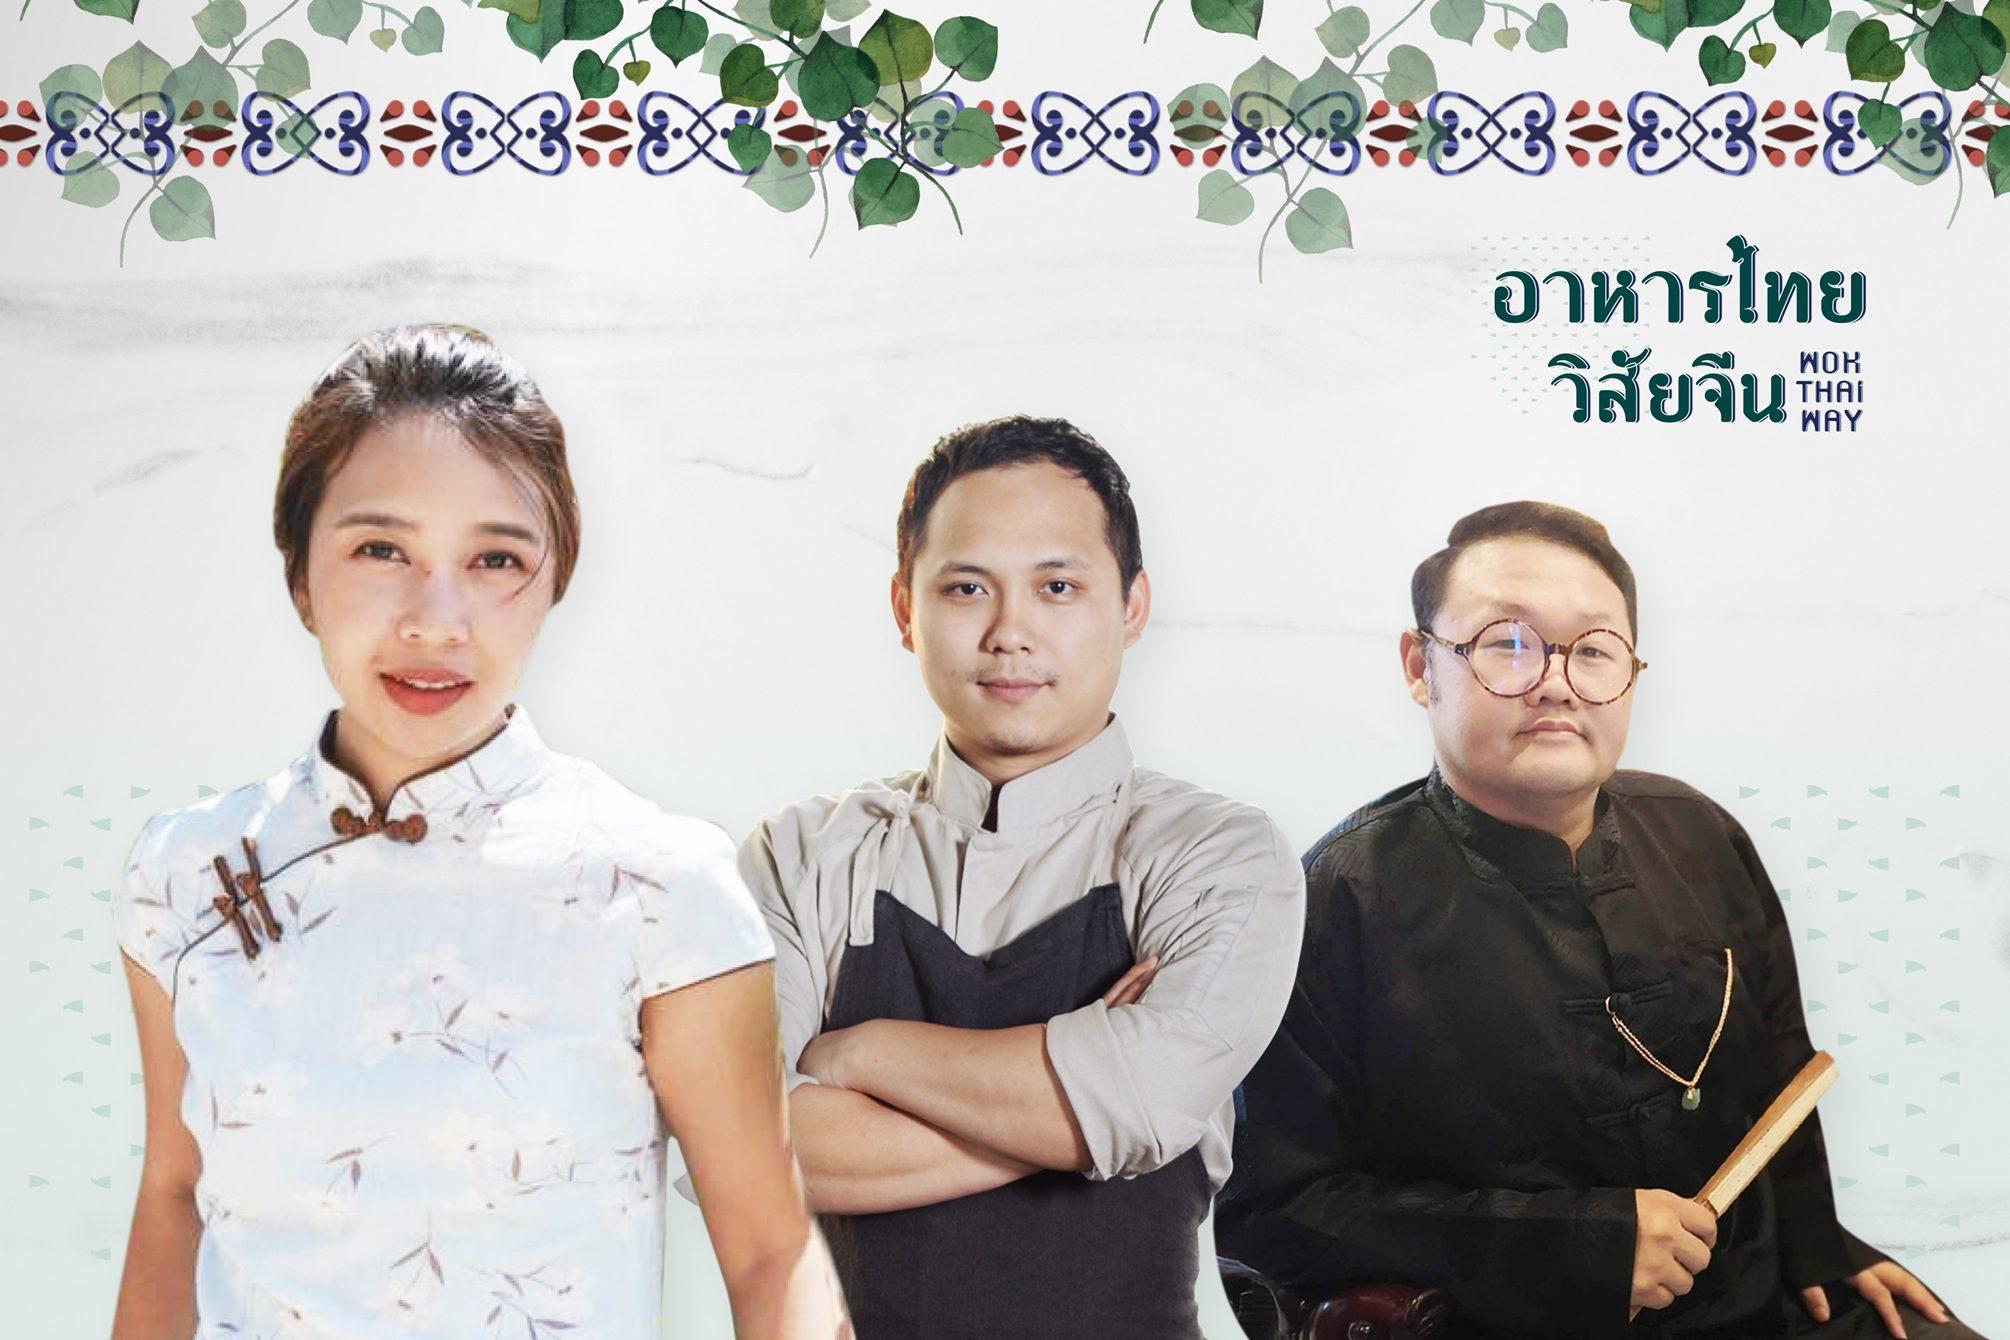 """สยาม แอ็ท สยาม ดีไซน์ โฮเต็ล กรุงเทพฯ เชิญร่วมงาน Chef Table ครั้งที่ 4 """"อาหารไทย วิสัยจีน ที่ปรุงด้วยความเข้าใจในราก"""""""